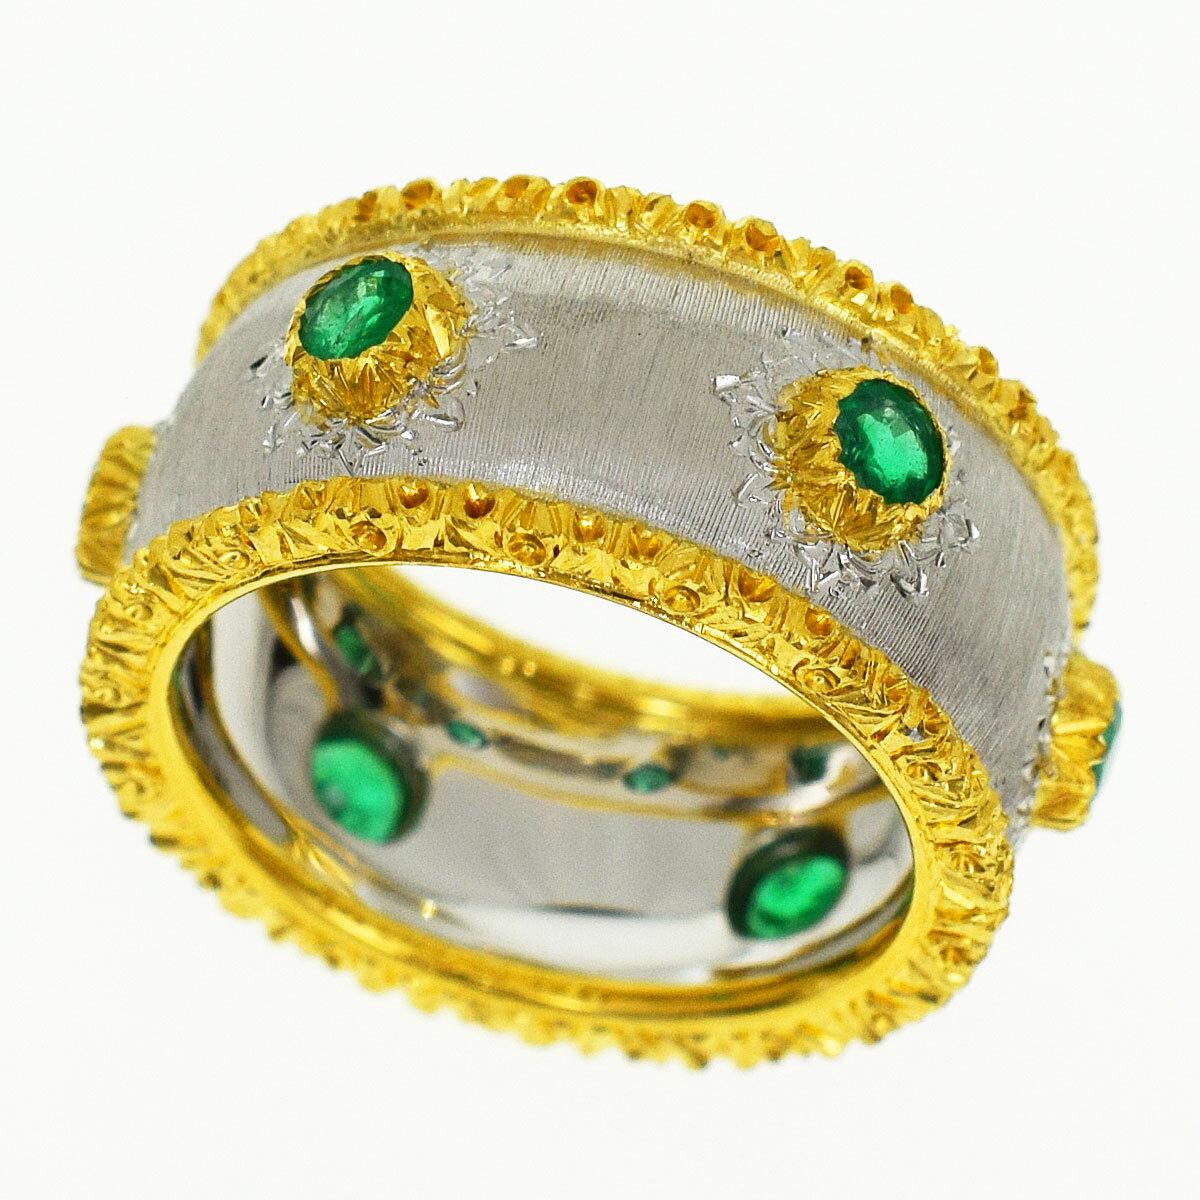 レディースジュエリー・アクセサリー, 指輪・リング GIANMARIA BUCCELLATI 18K 750 YG WG 9 4931881211